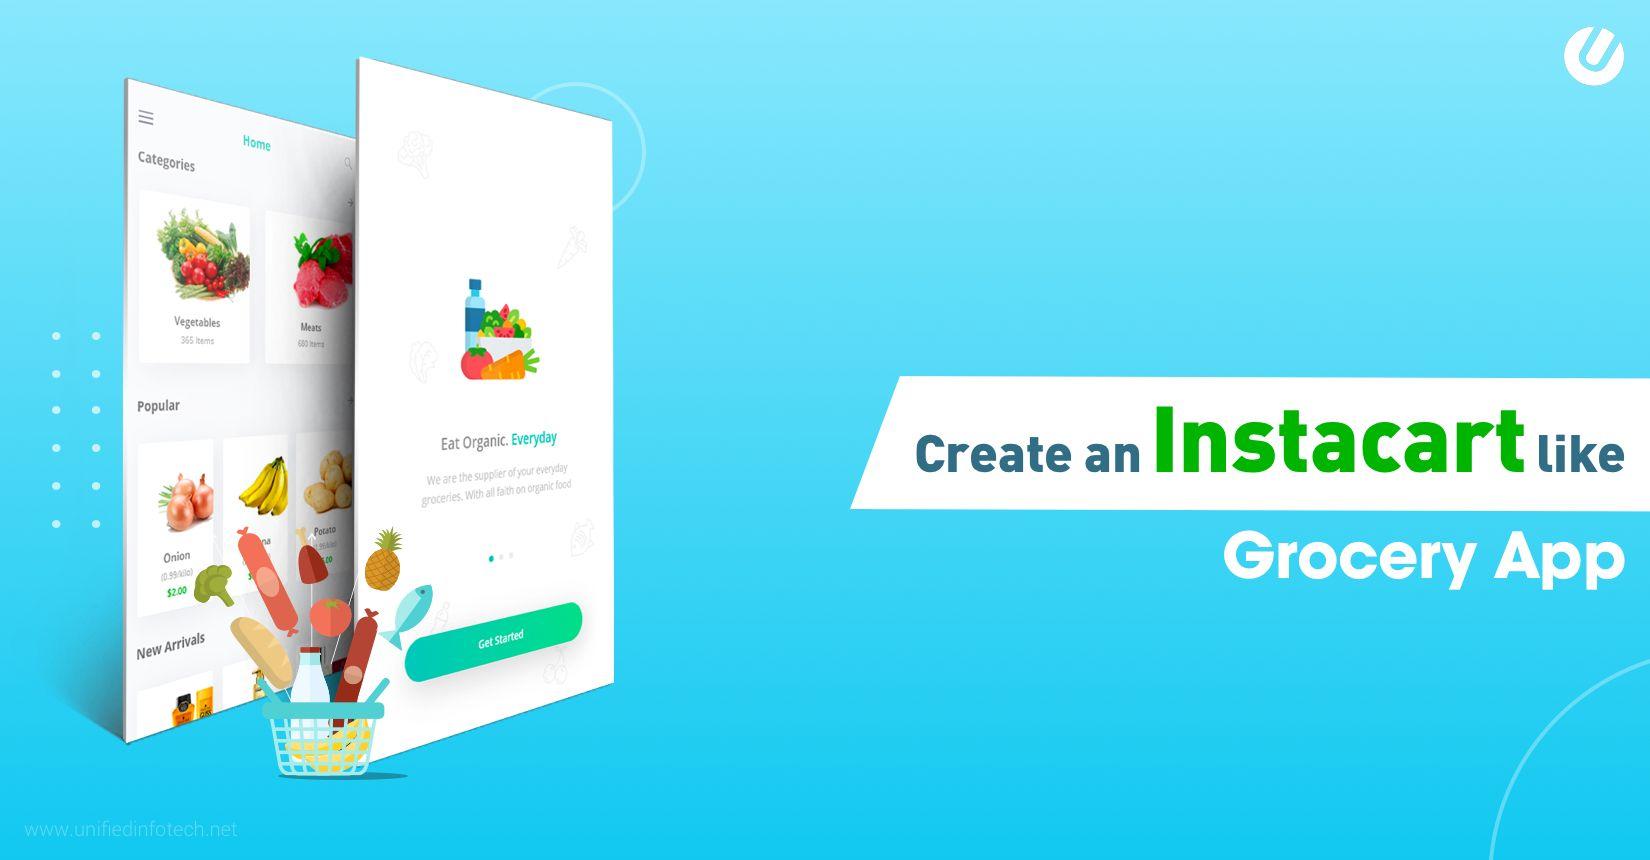 构建像 Instacart/Grofers 这样的杂货应用程序的 7 步指南